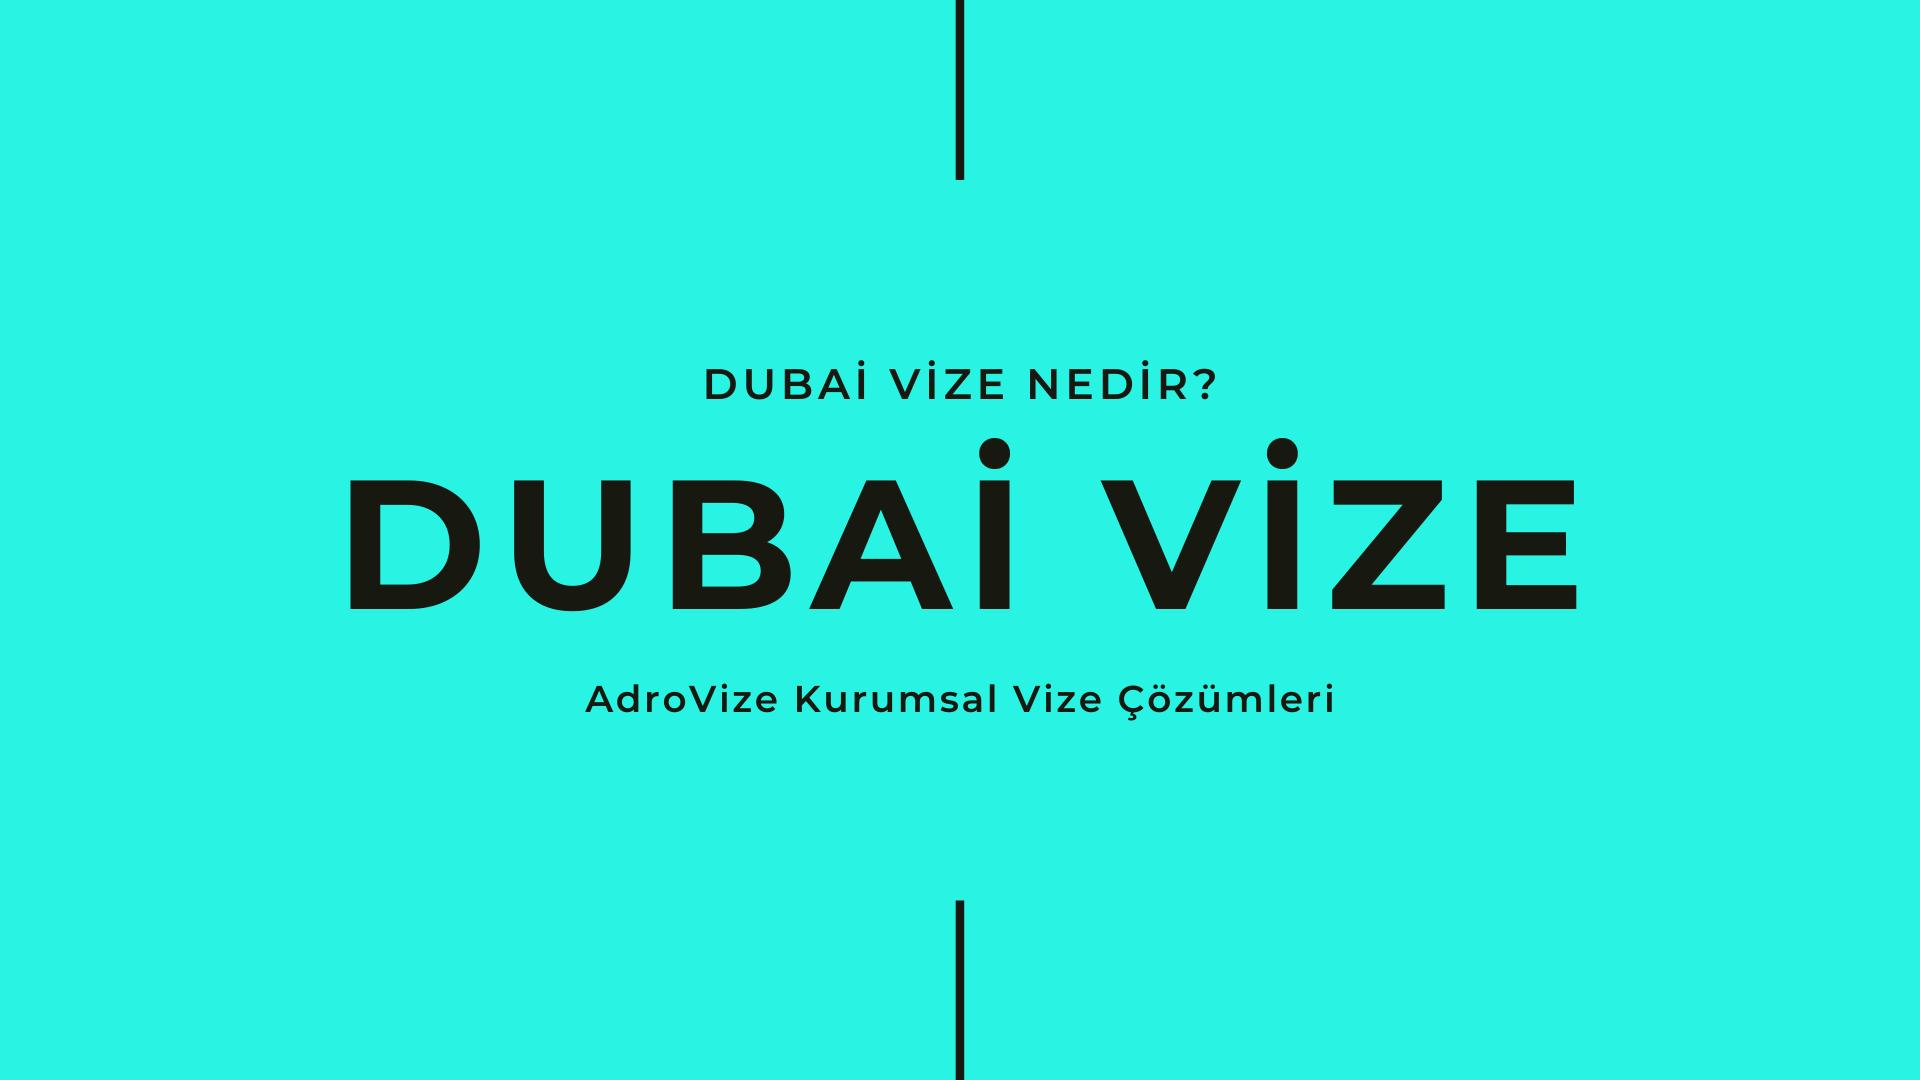 Dubai Vizesi Nedir?